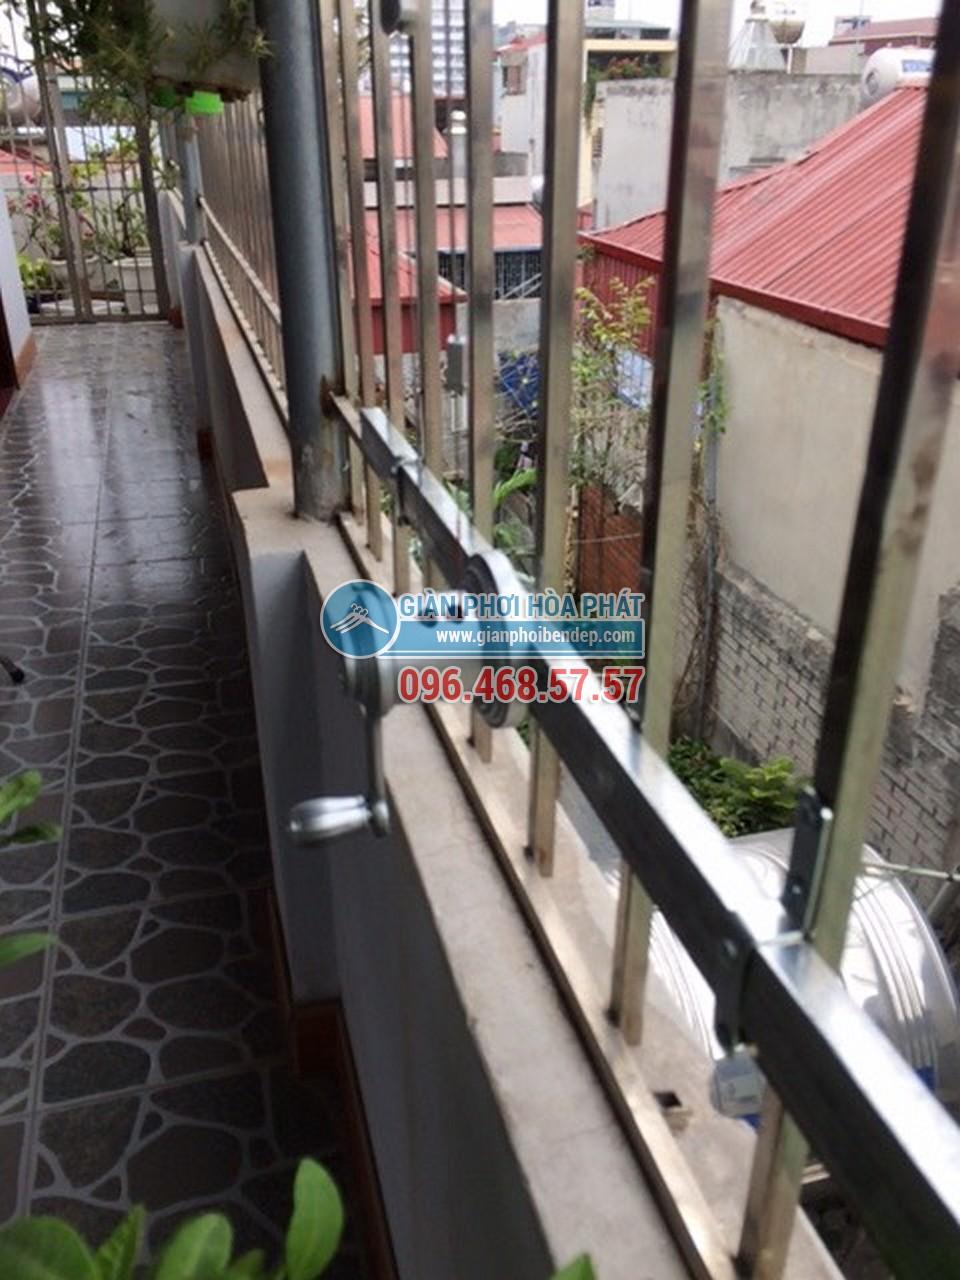 Sân phơi đẹp hiện đại nhờ lắp đặt giàn phơi thông minh nhà chị Hiền, ngõ 103 Thanh Nhàn - 01